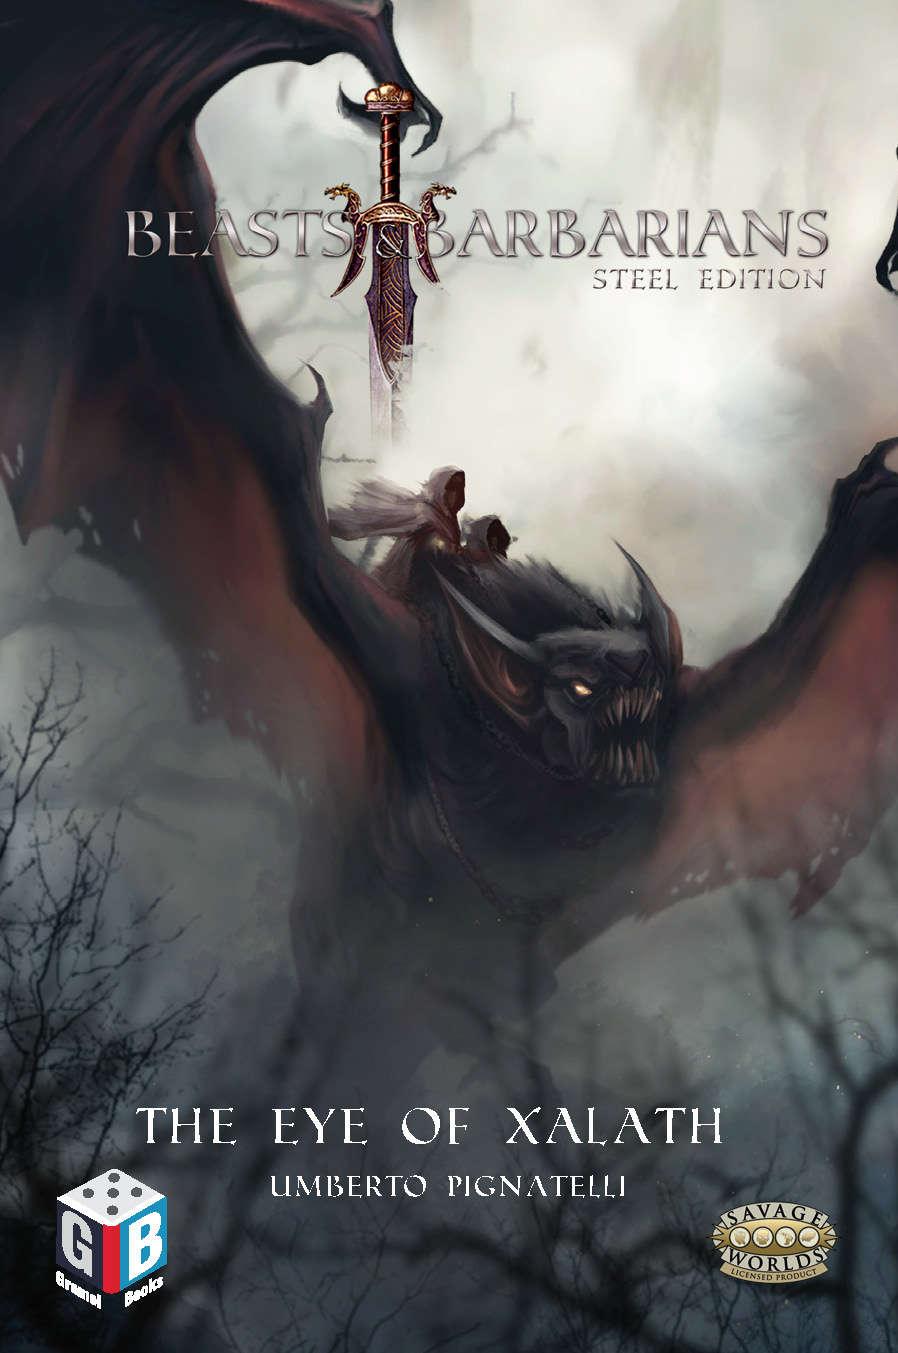 The Eye of Xalath